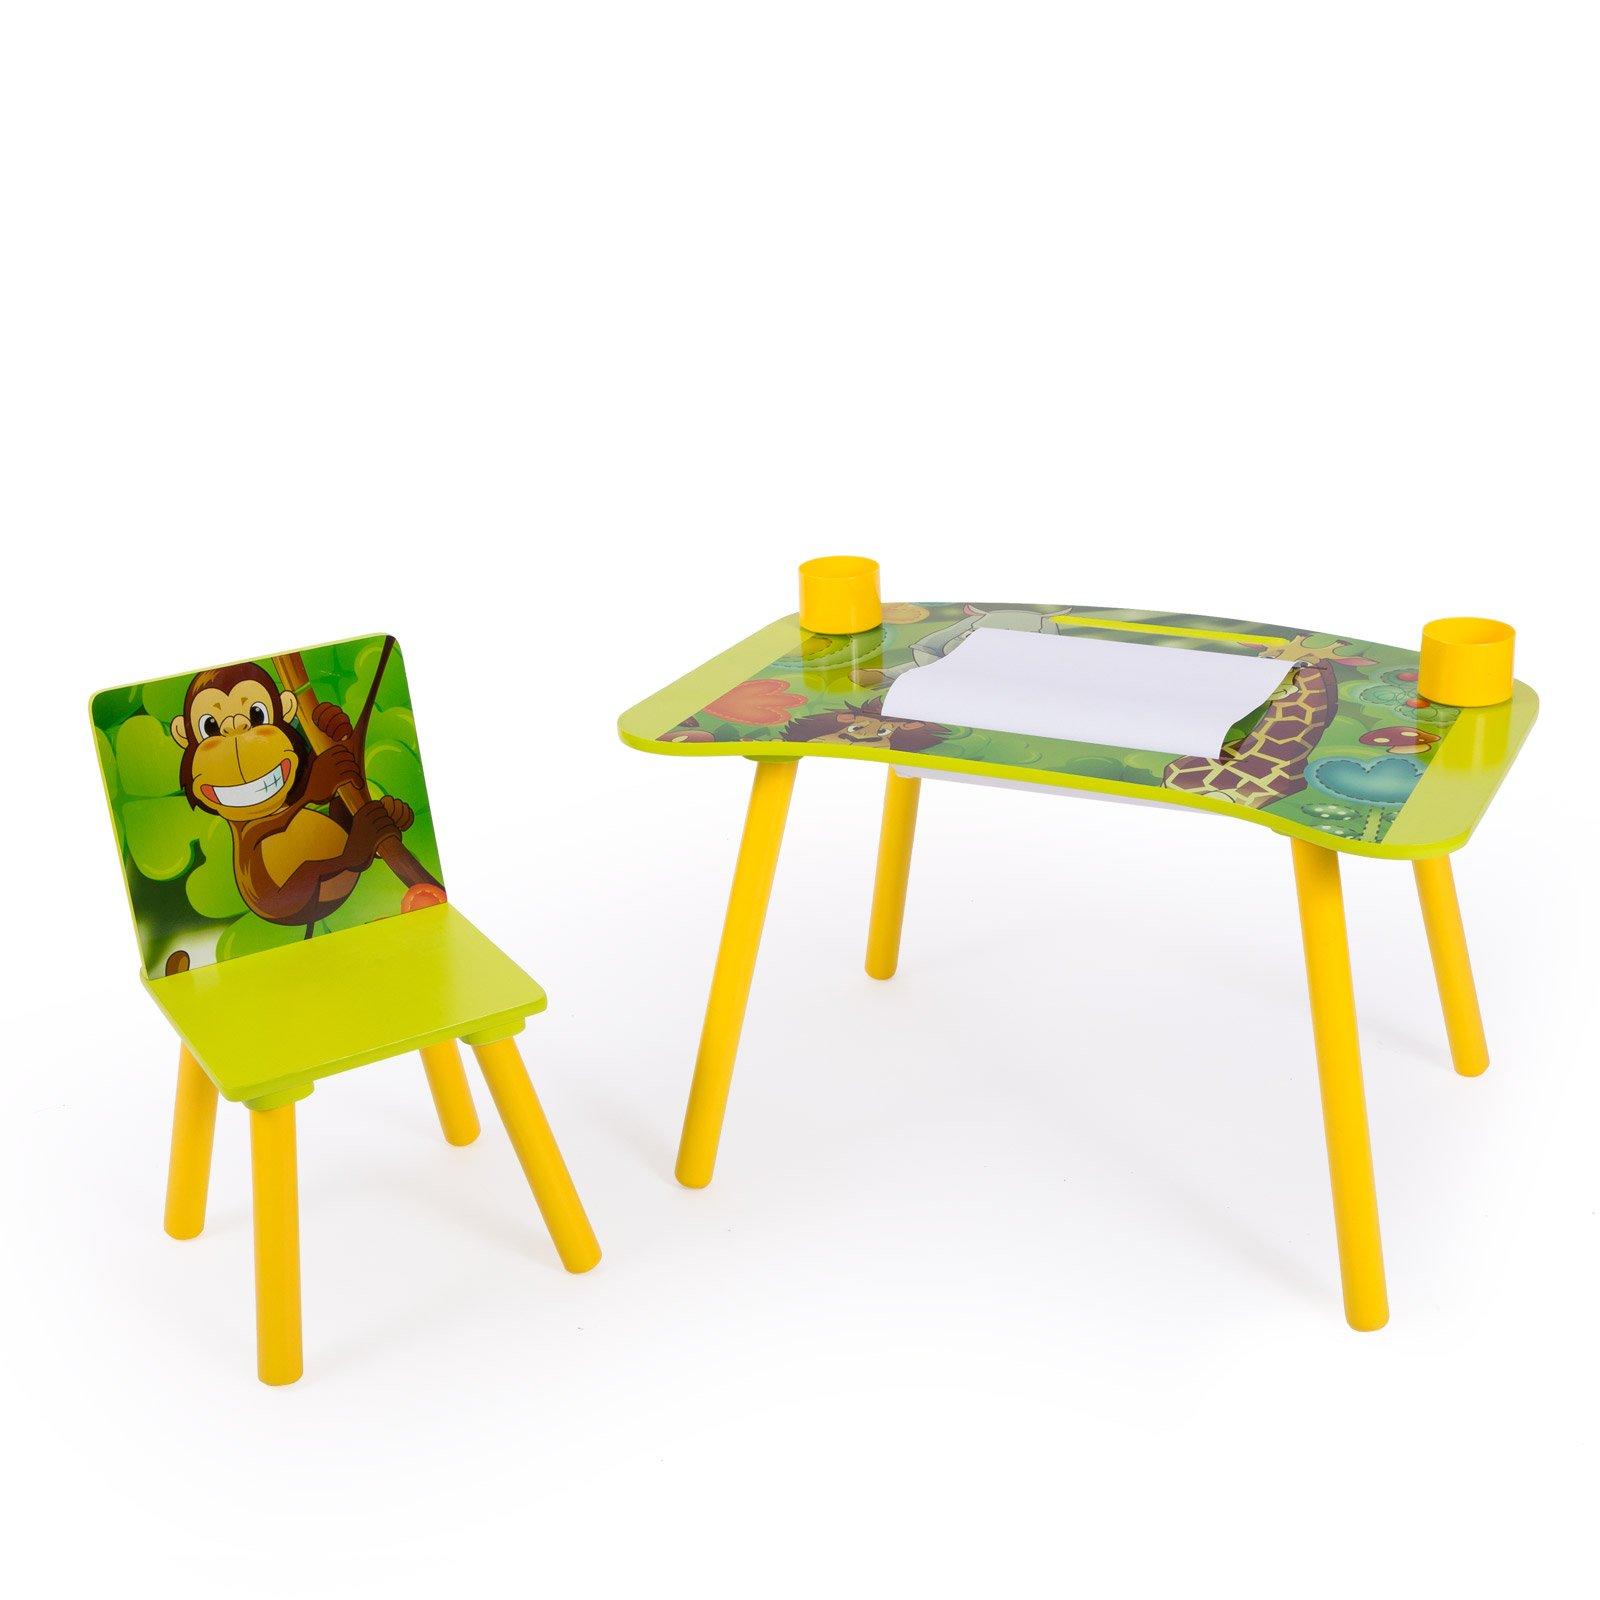 a152379a8a97 Home style 4 you Detský stolík so stoličkou Jungle